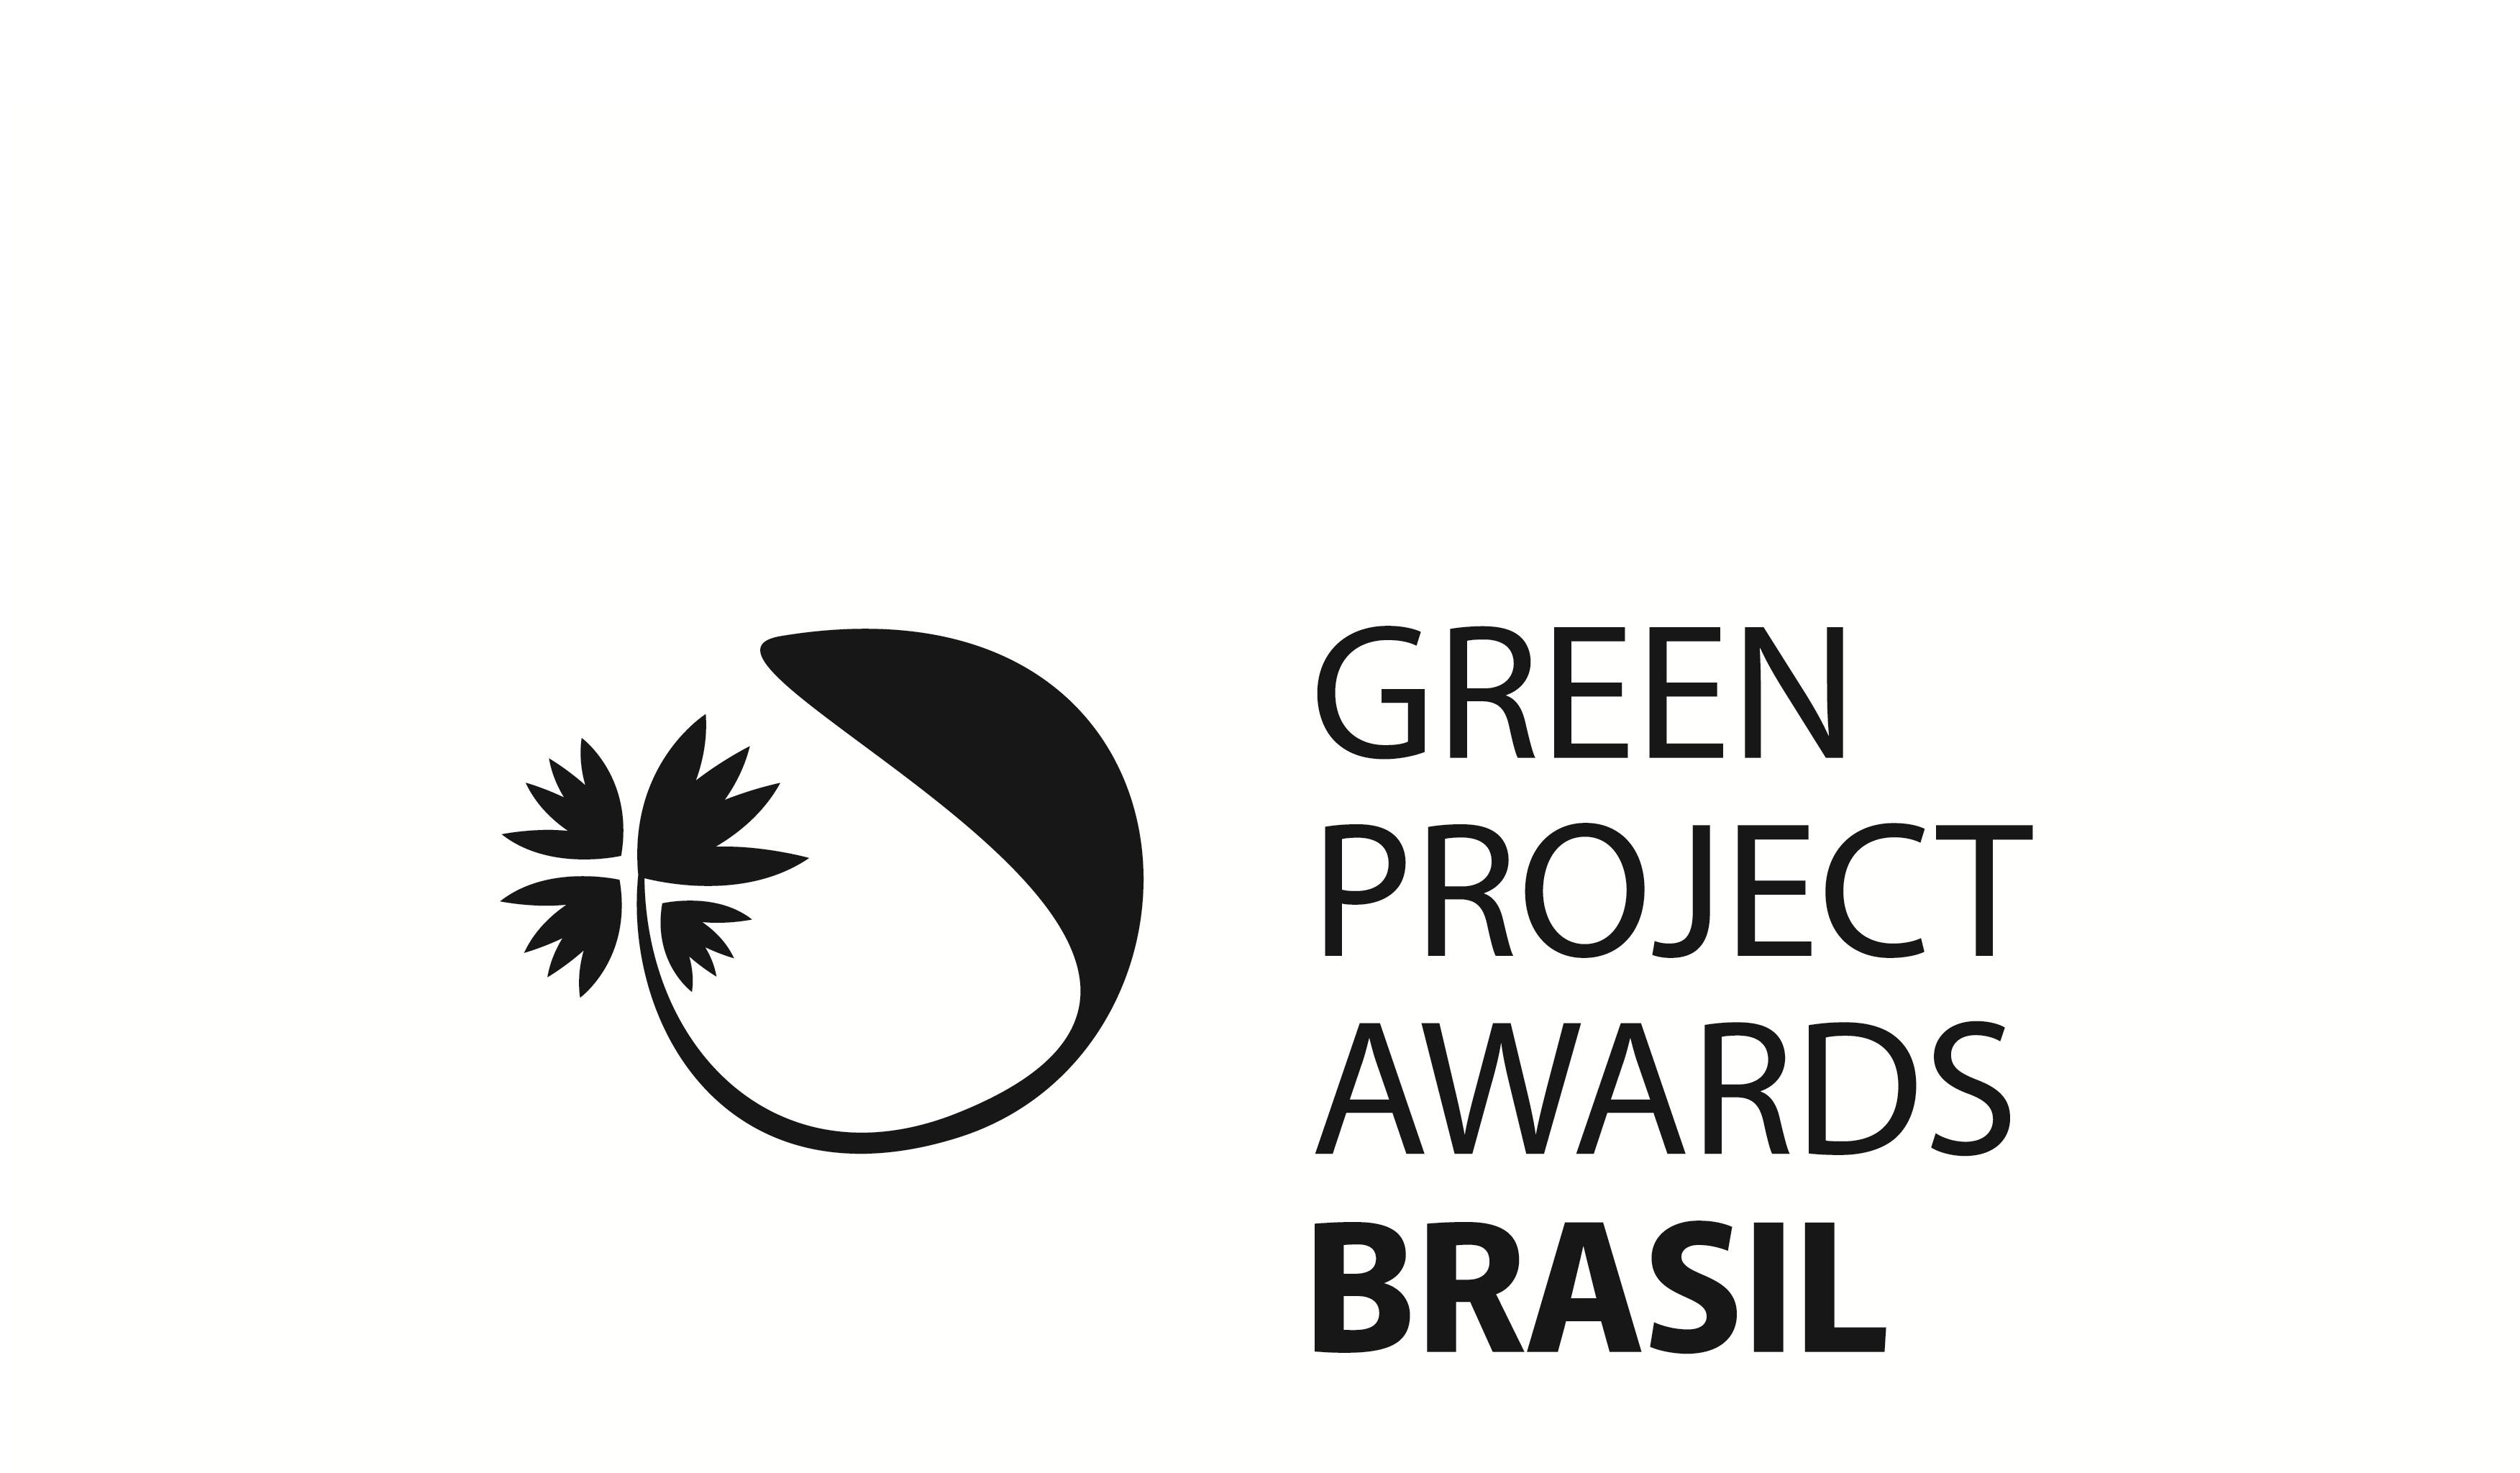 Aberta inscrições para o Green Project Awards